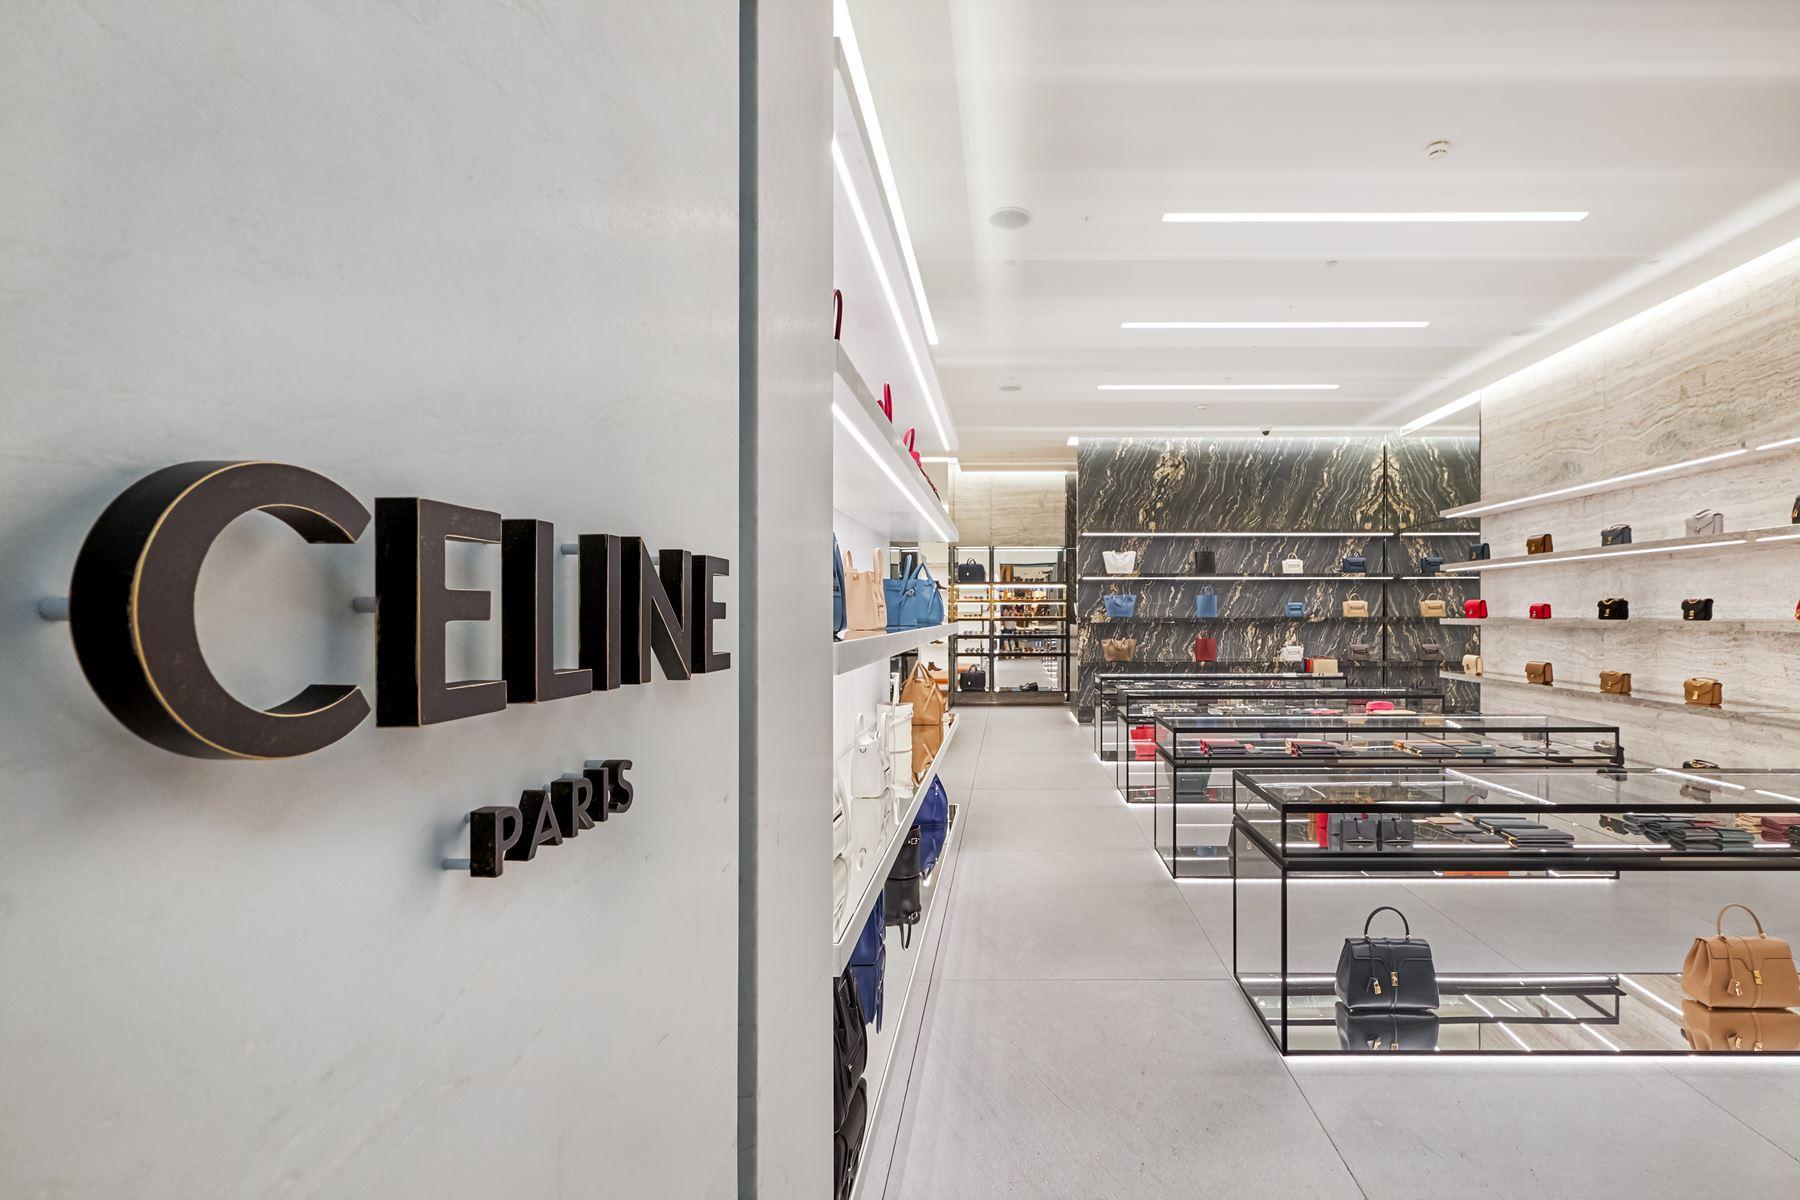 Celine-Brands-2